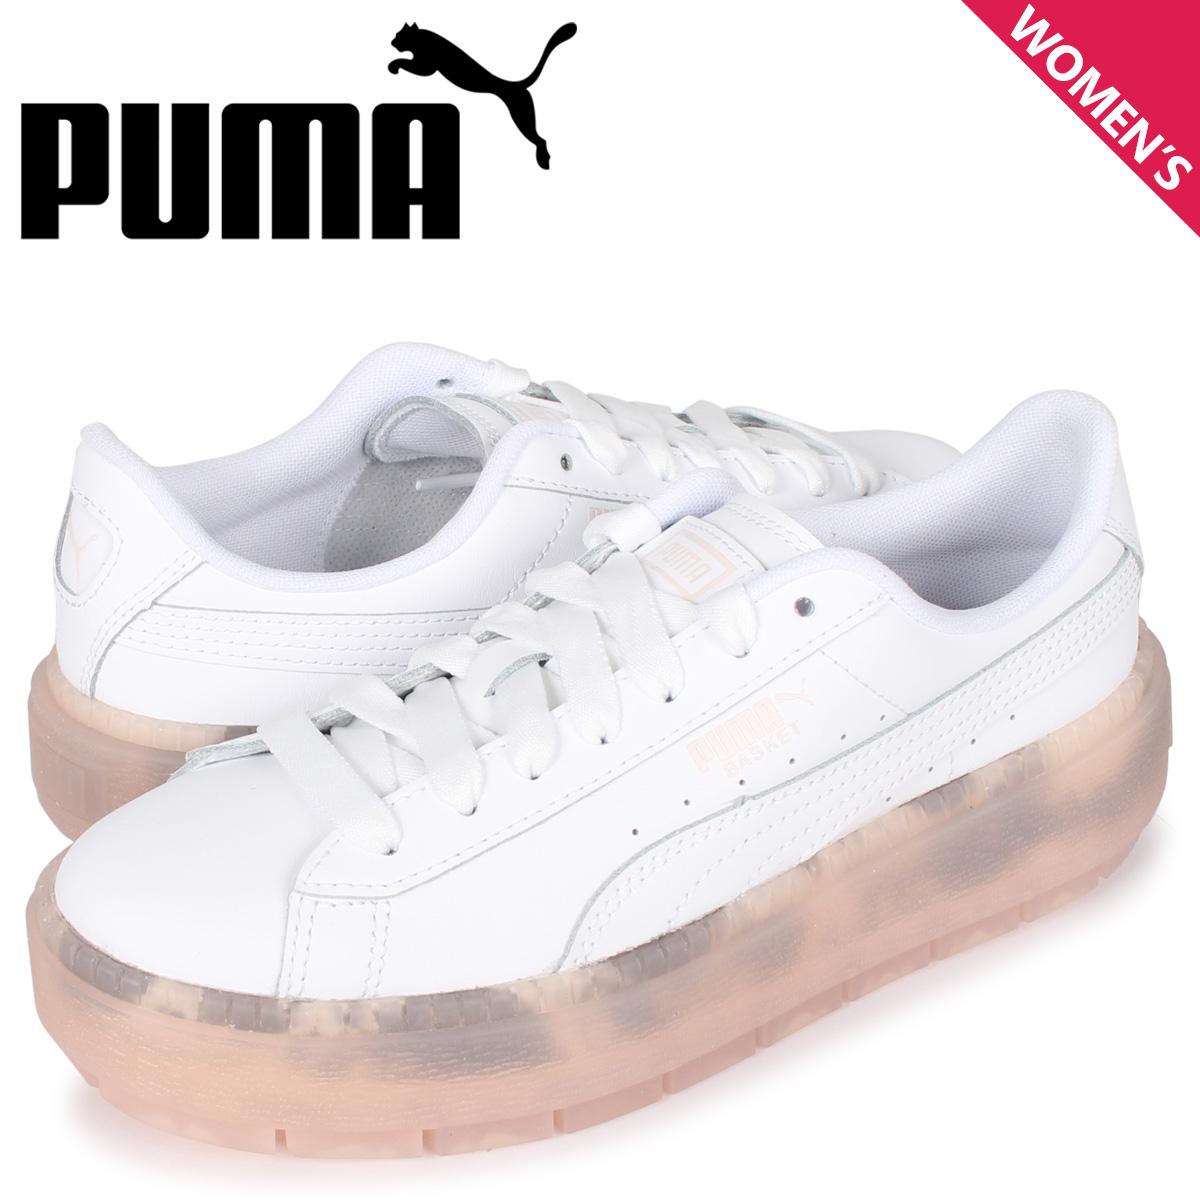 プーマ PUMA プラットフォーム トレース トランスルーセント スニーカー レディース PLATFORM TRACE TRANSLUCENT WNS ホワイト 白 371656-01